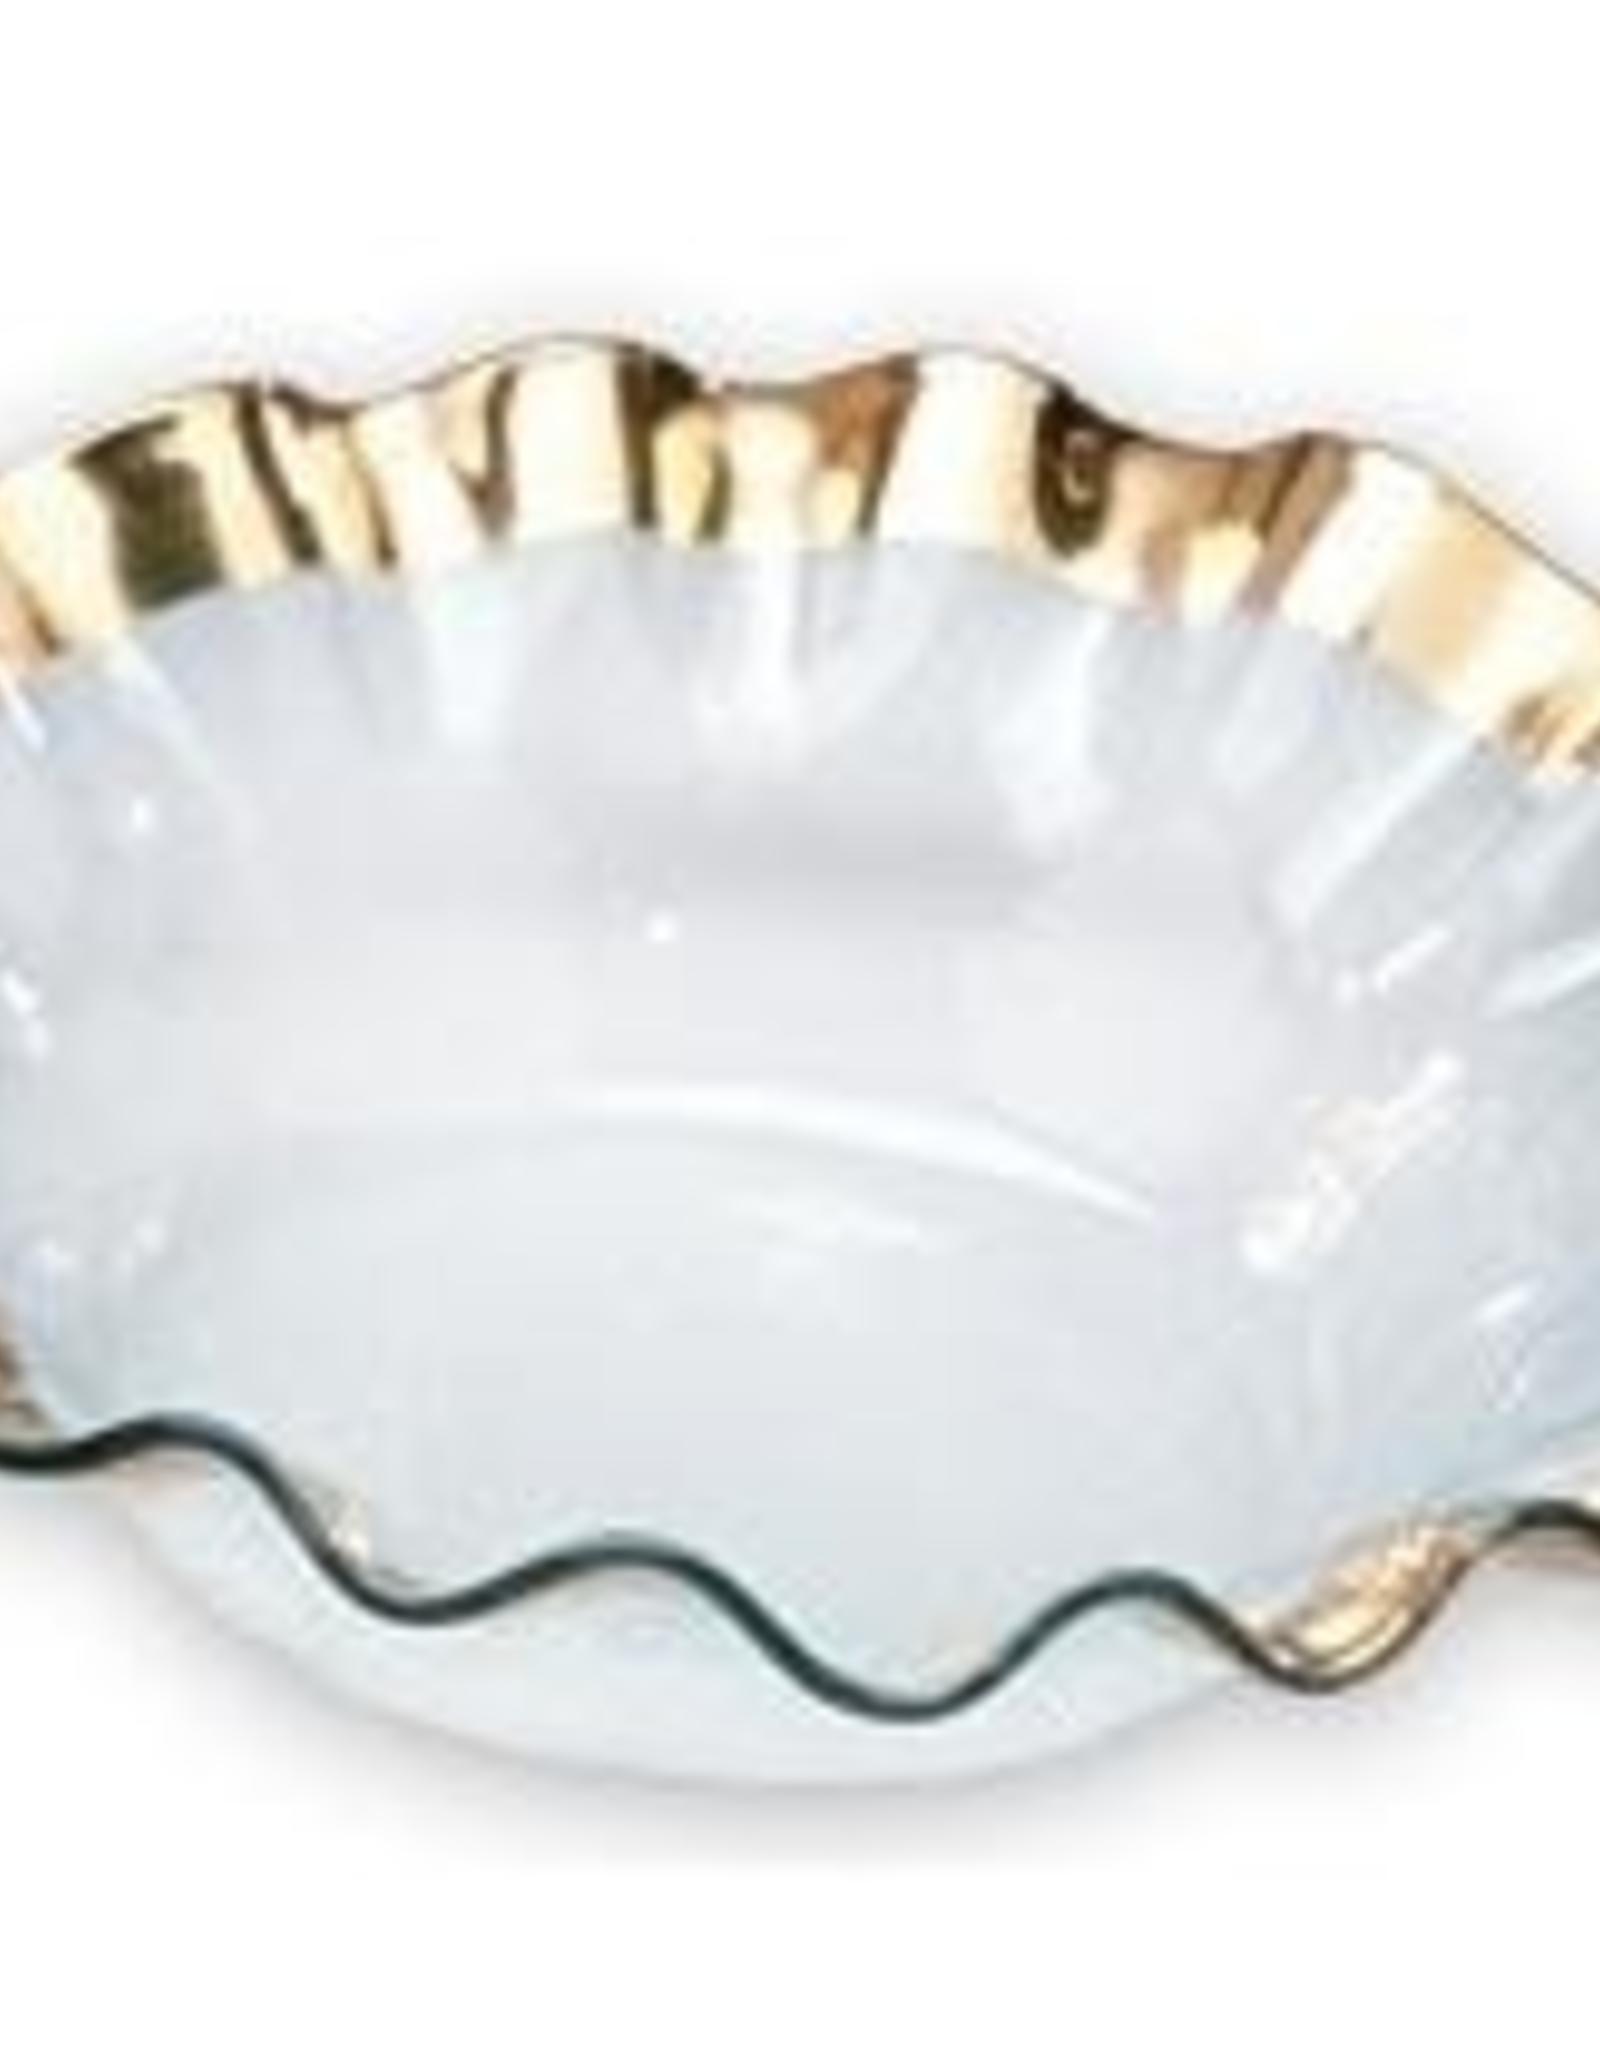 Annie Glass Ruffle Gold Bowl